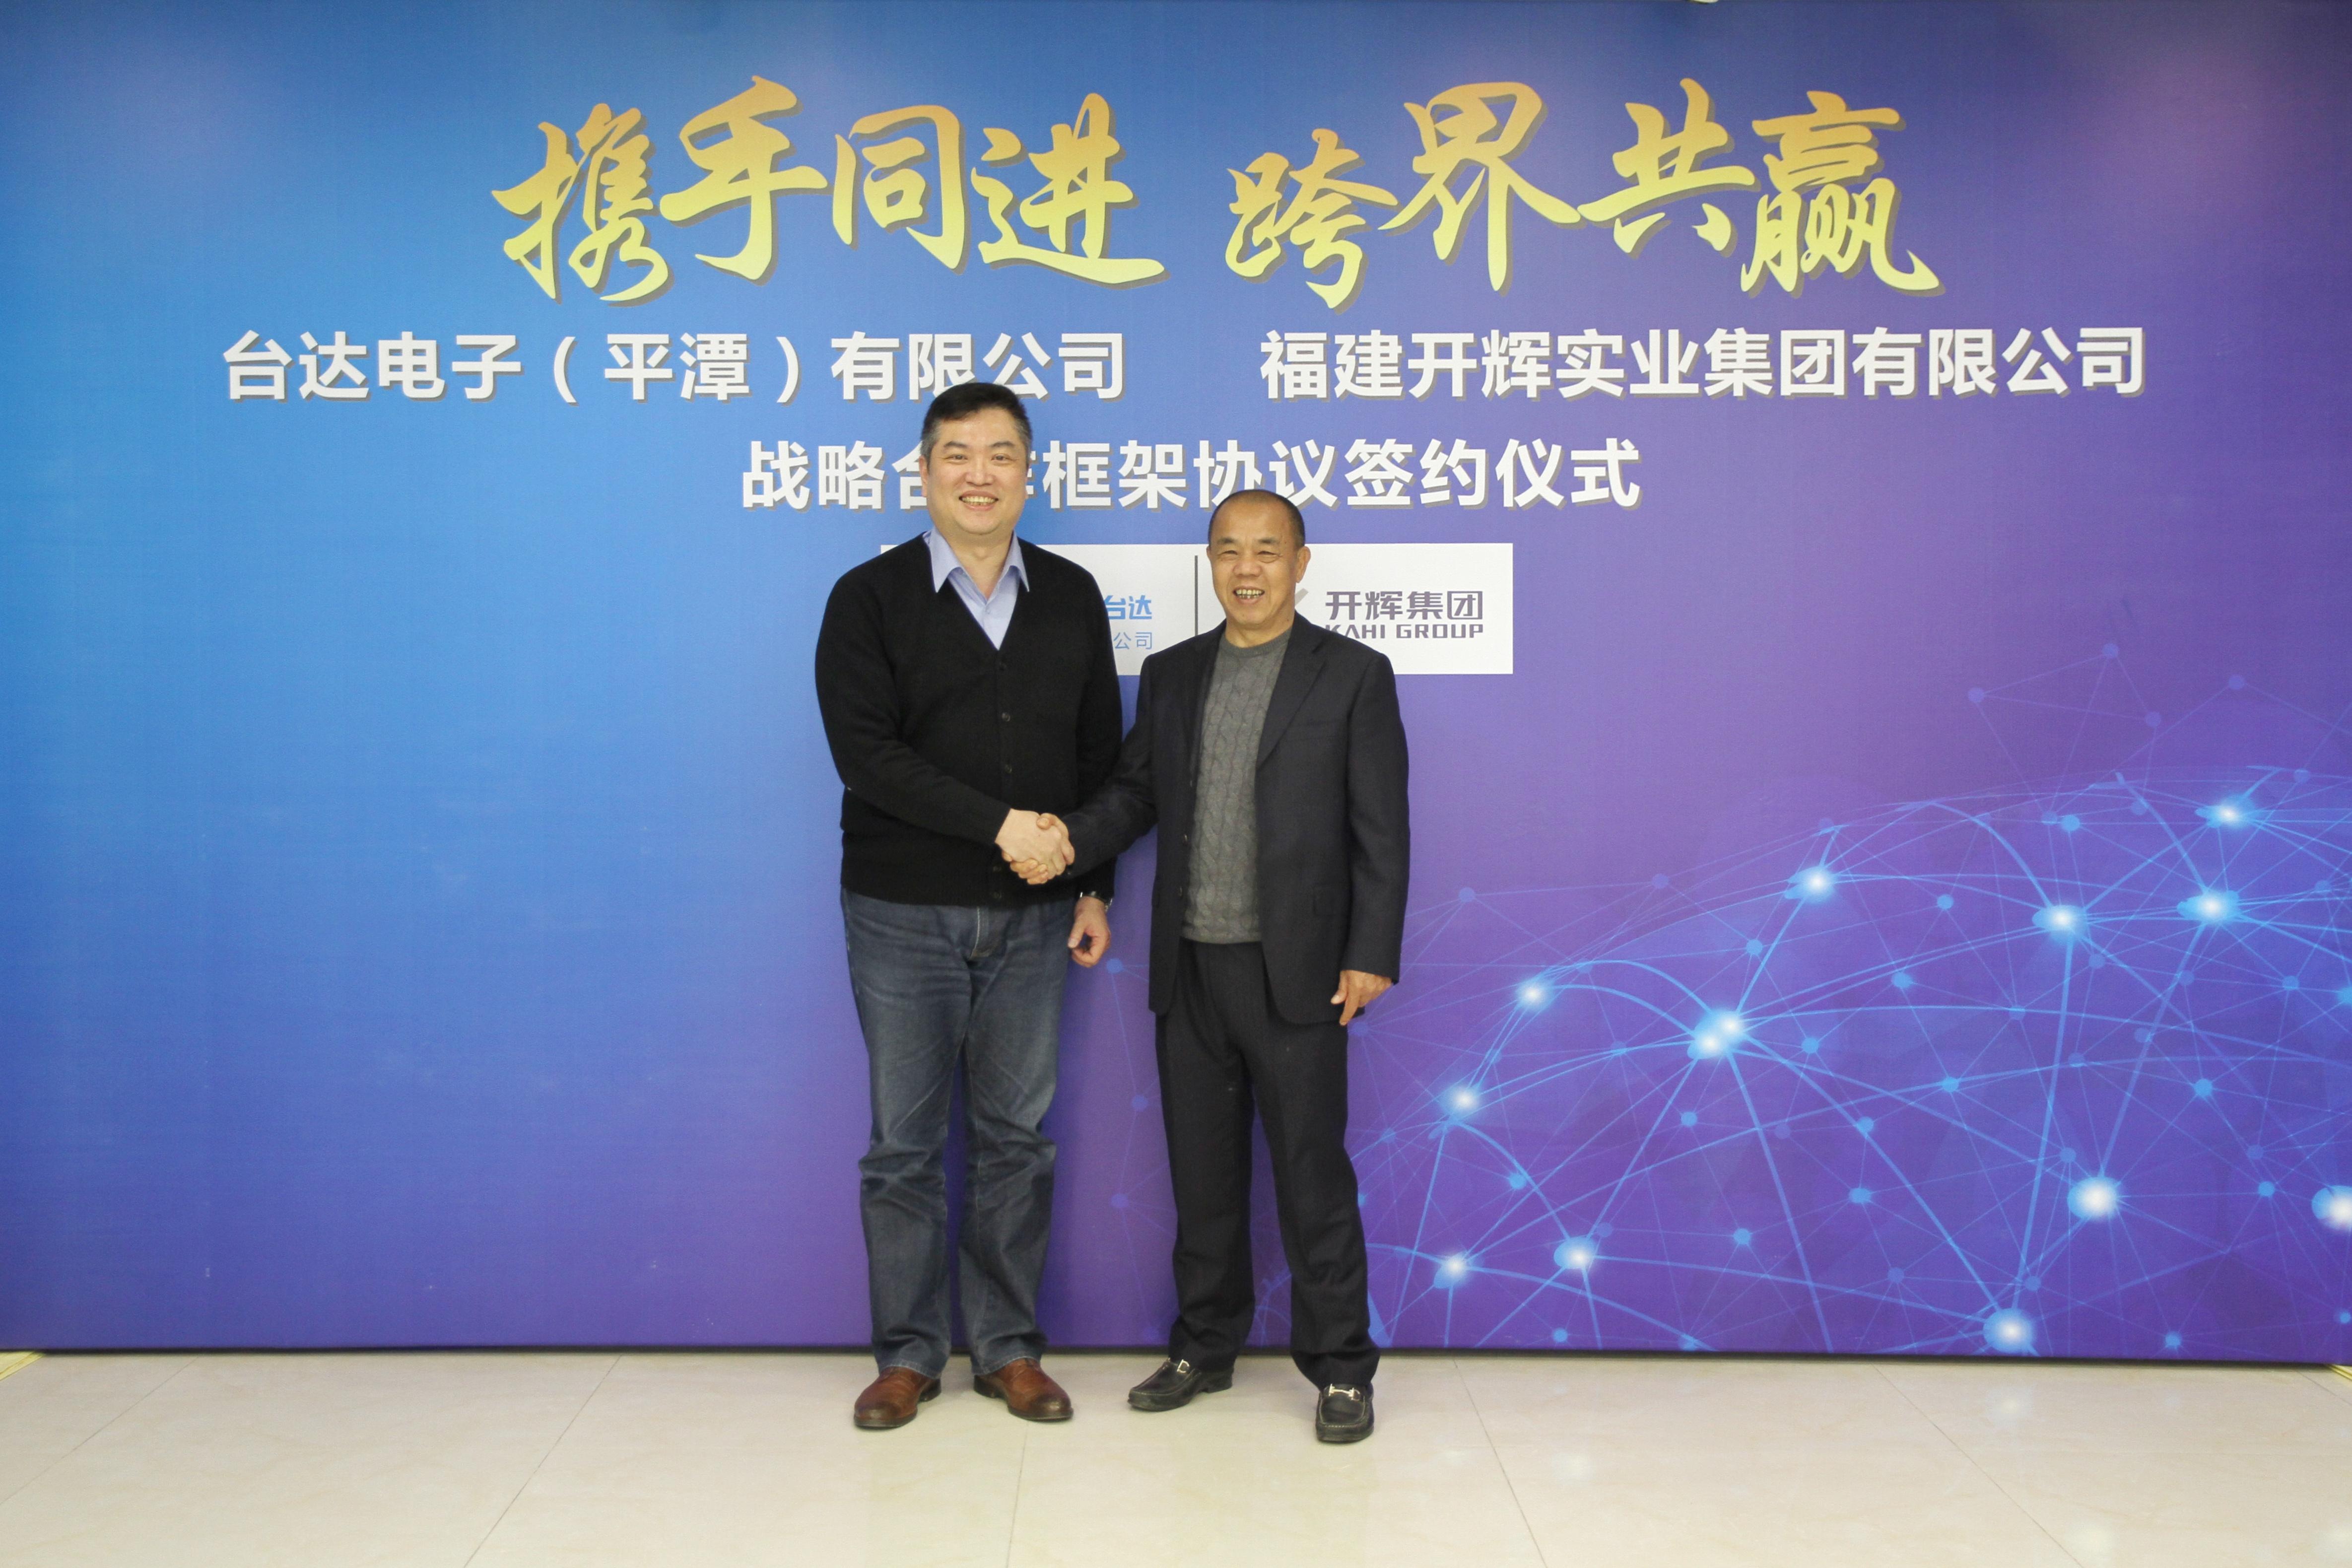 台达电子(平潭)有限公司携手福建开辉实业集团 签署战略合作框架协议